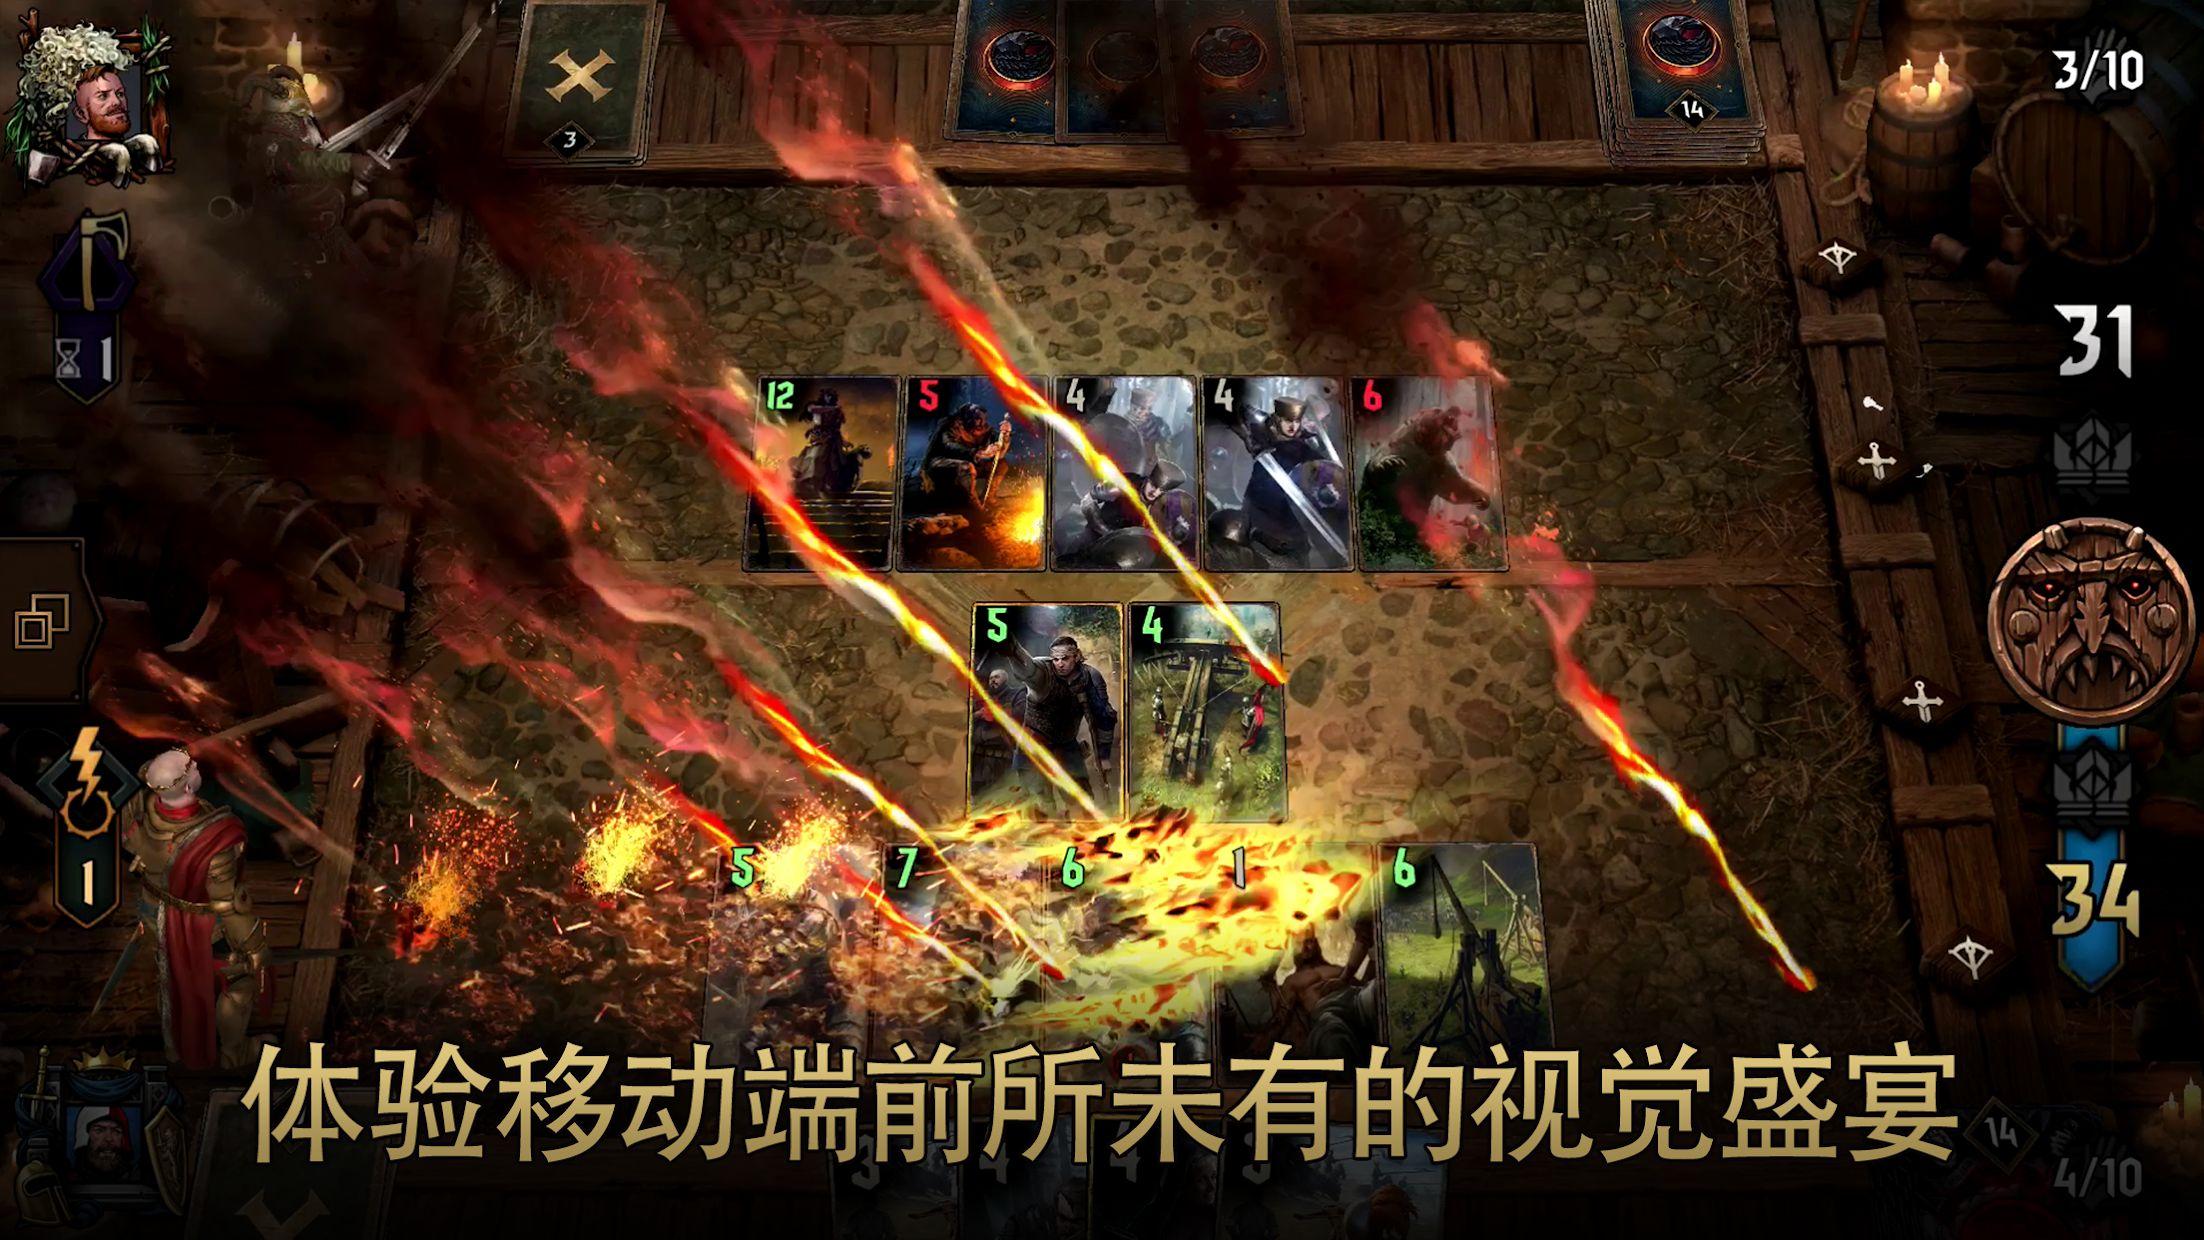 巫师之昆特牌 游戏截图5